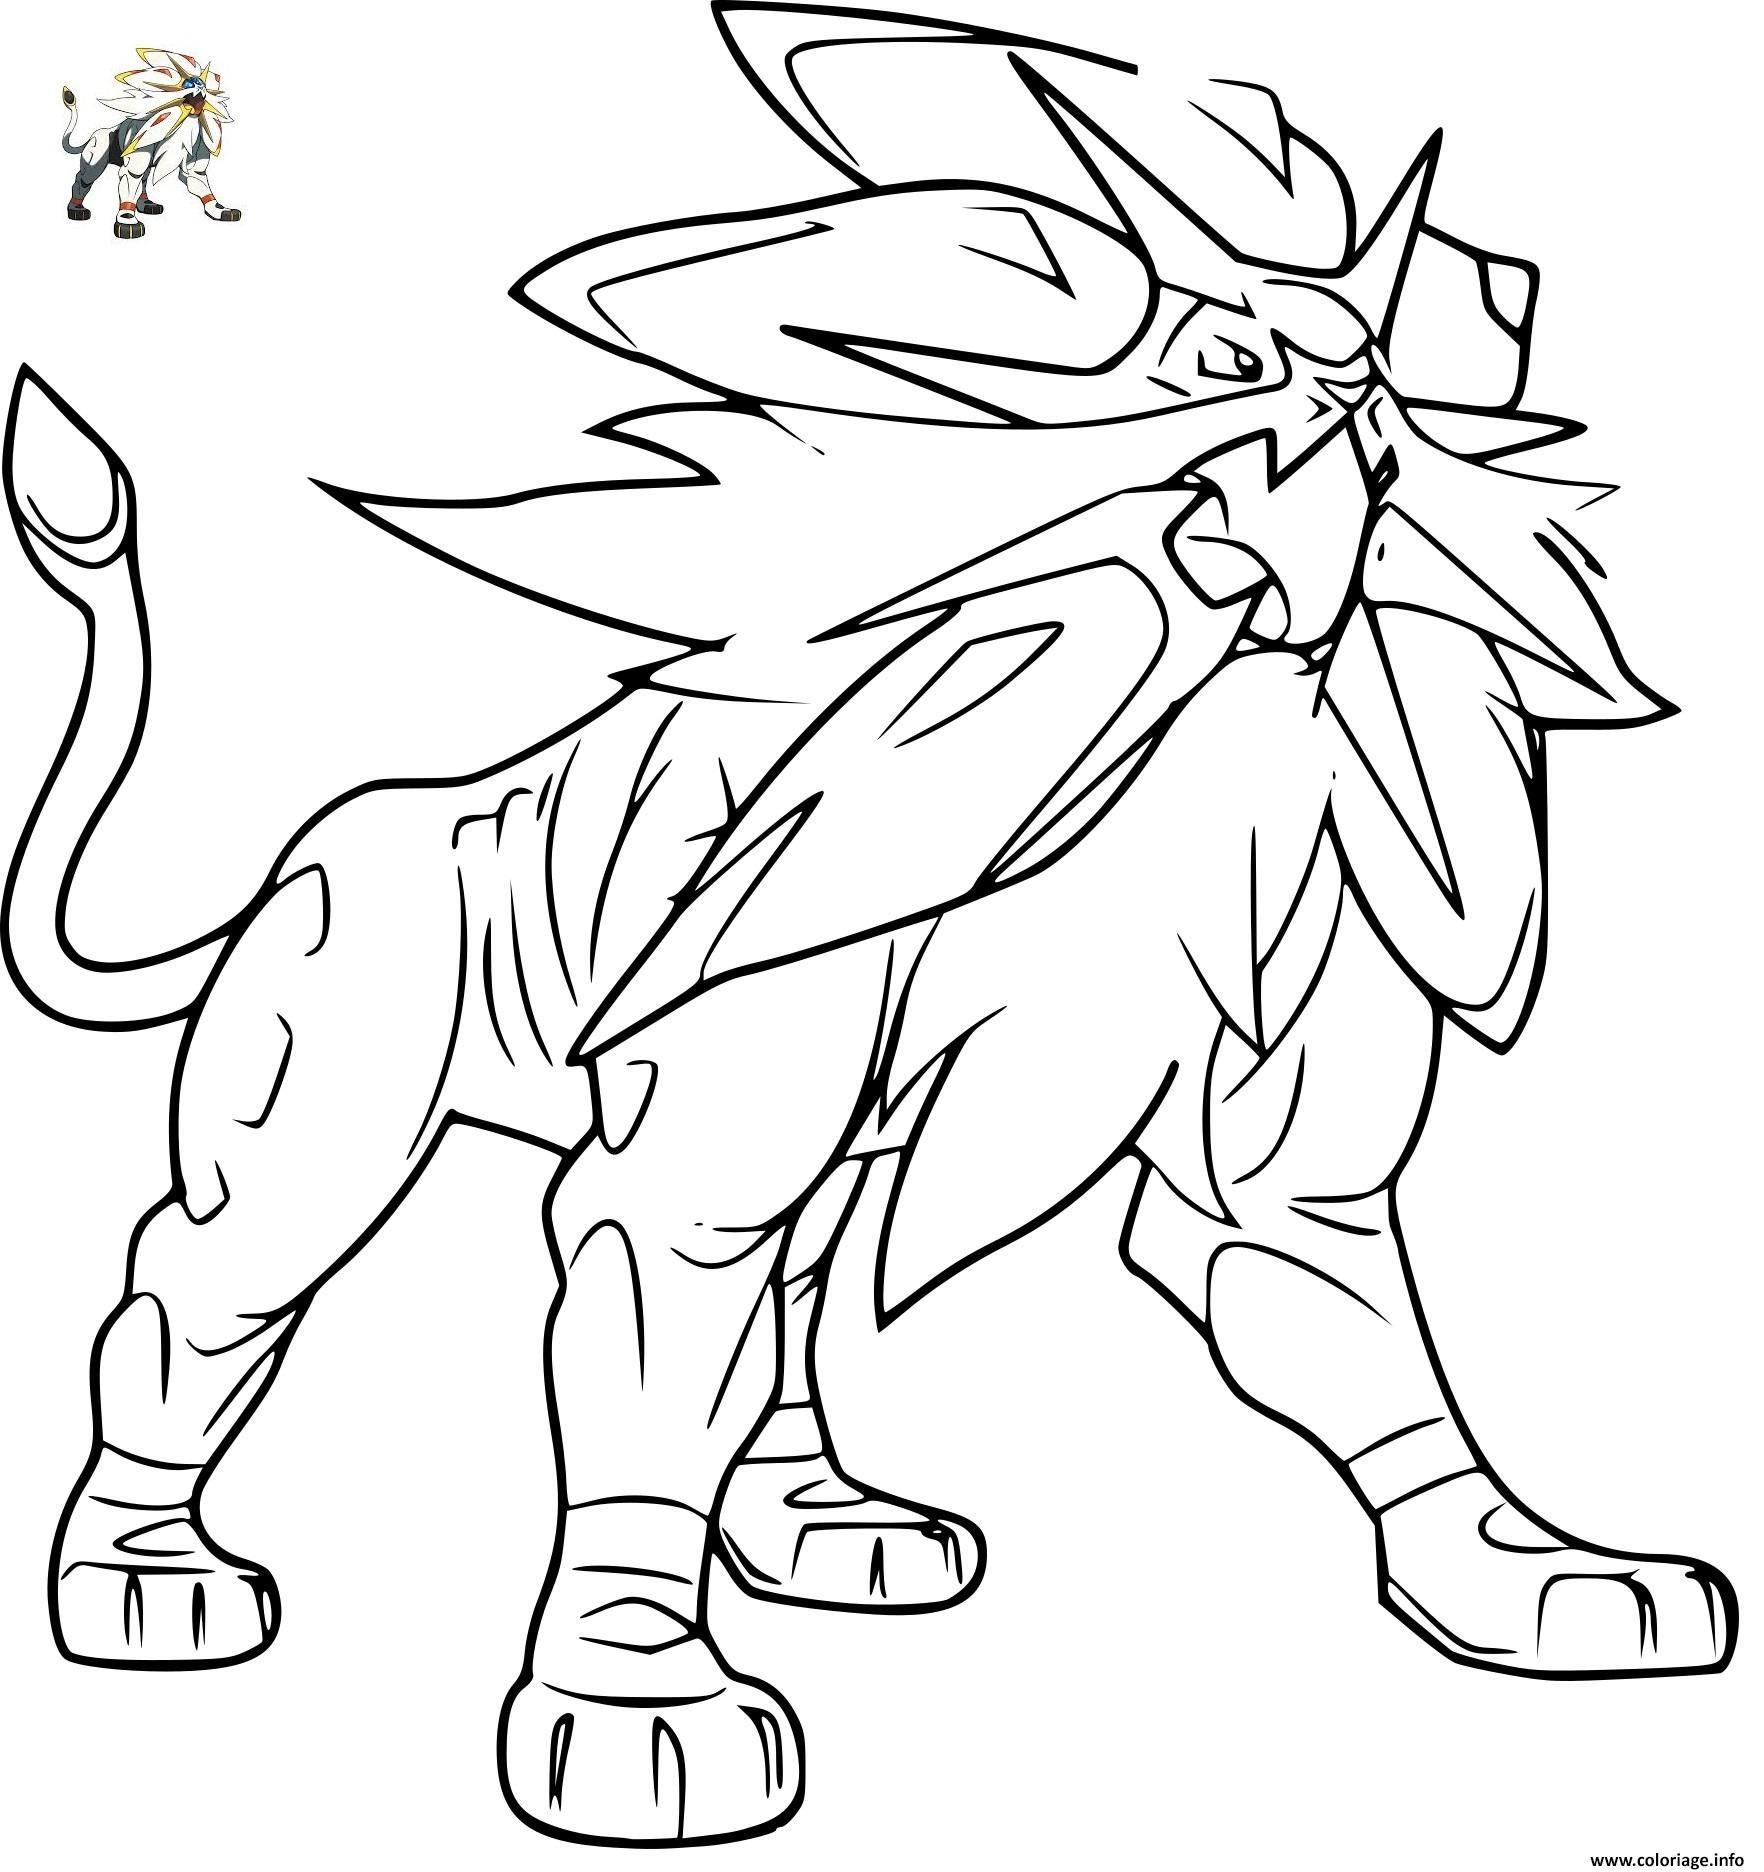 Coloriage Pokemon Solgaleo Gx Dessin À Imprimer | Dessin avec Coloriage A Imprimer Pokemon Legendaire